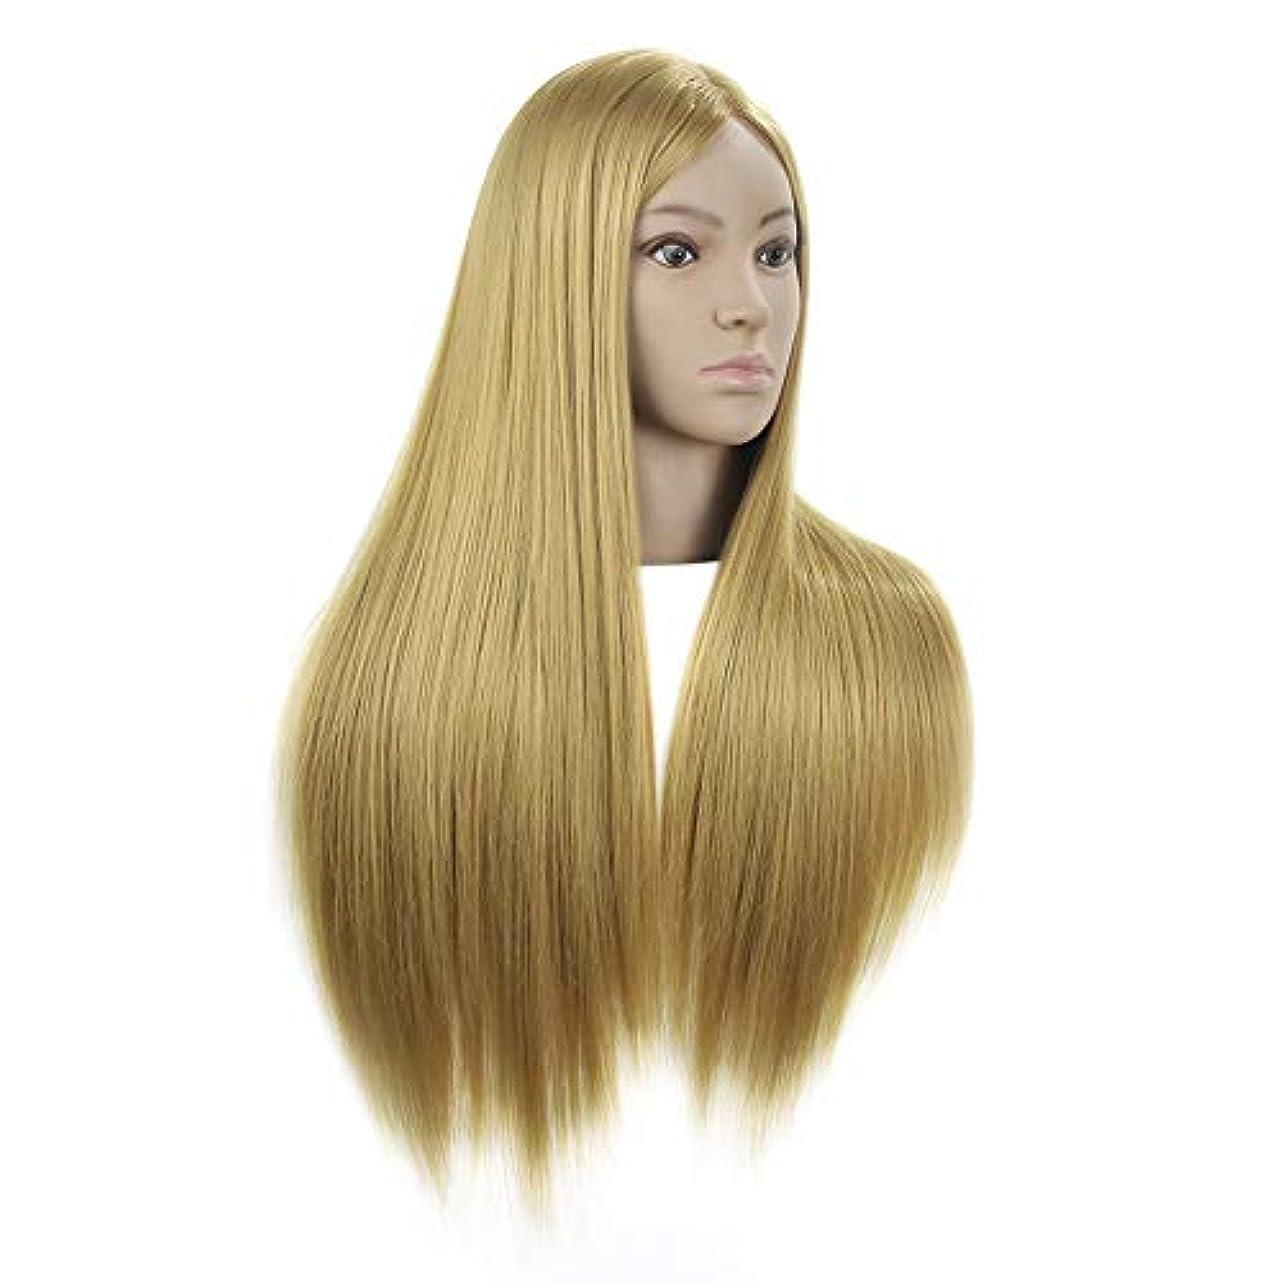 関連する死の顎相談する女性ウィッグサロンヘア編み美容指導ヘッドスタイリングヘアカットダミーヘッドメイク学習マネキンヘッド